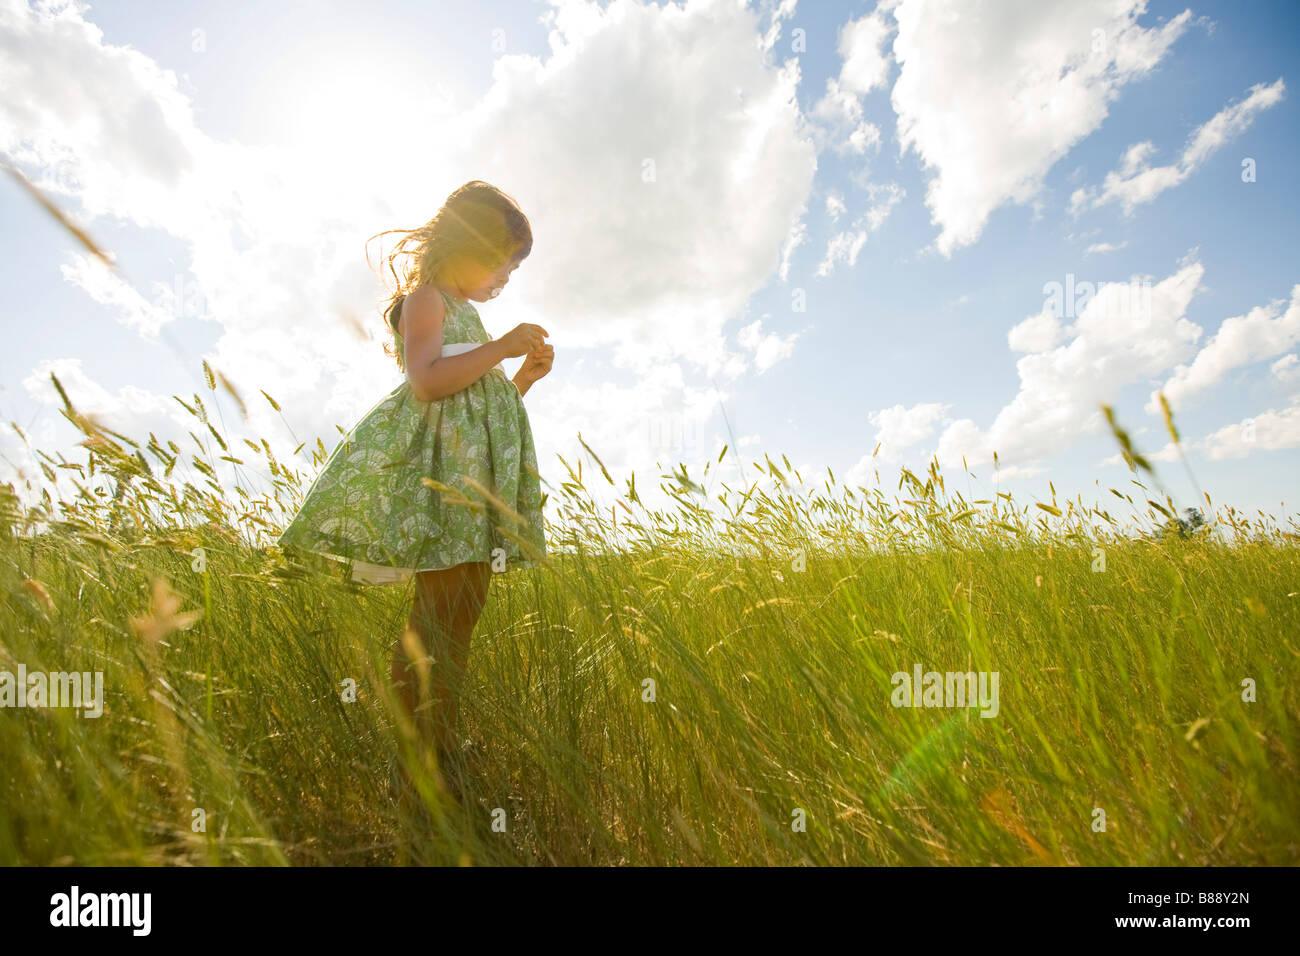 Mädchen auf einer Wiese in North Dakota Stockbild